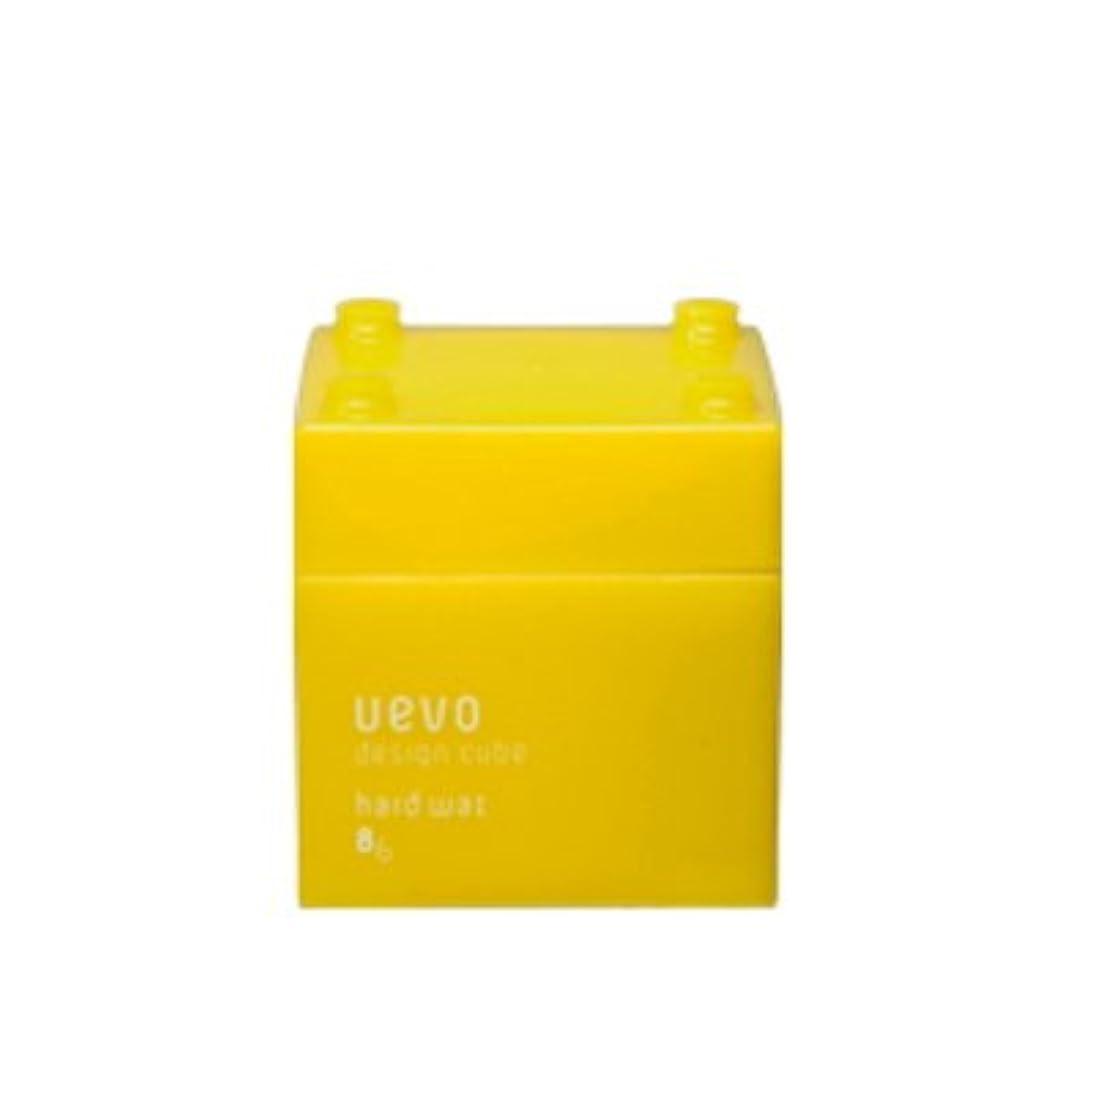 調和バラ色実証する【デミコスメティクス】ウェーボ デザインキューブ ハードワックス 80g